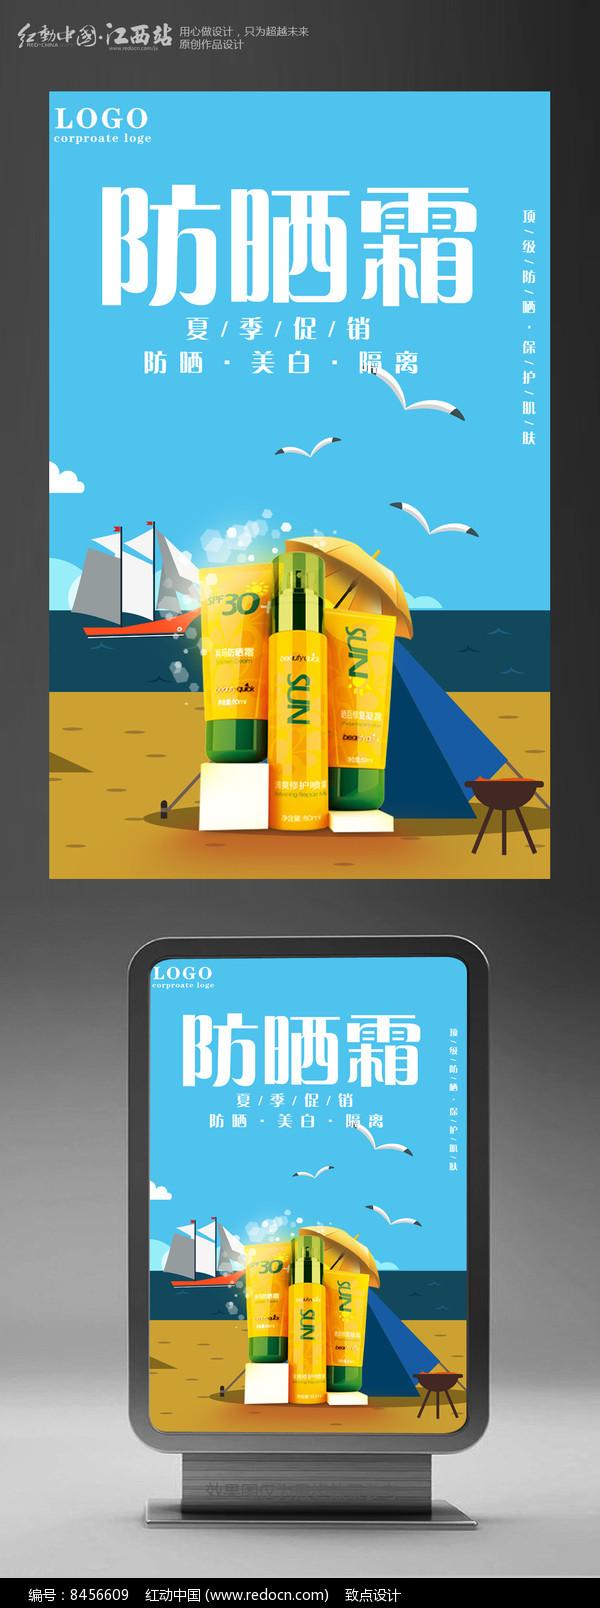 天然防晒霜海报设计图片